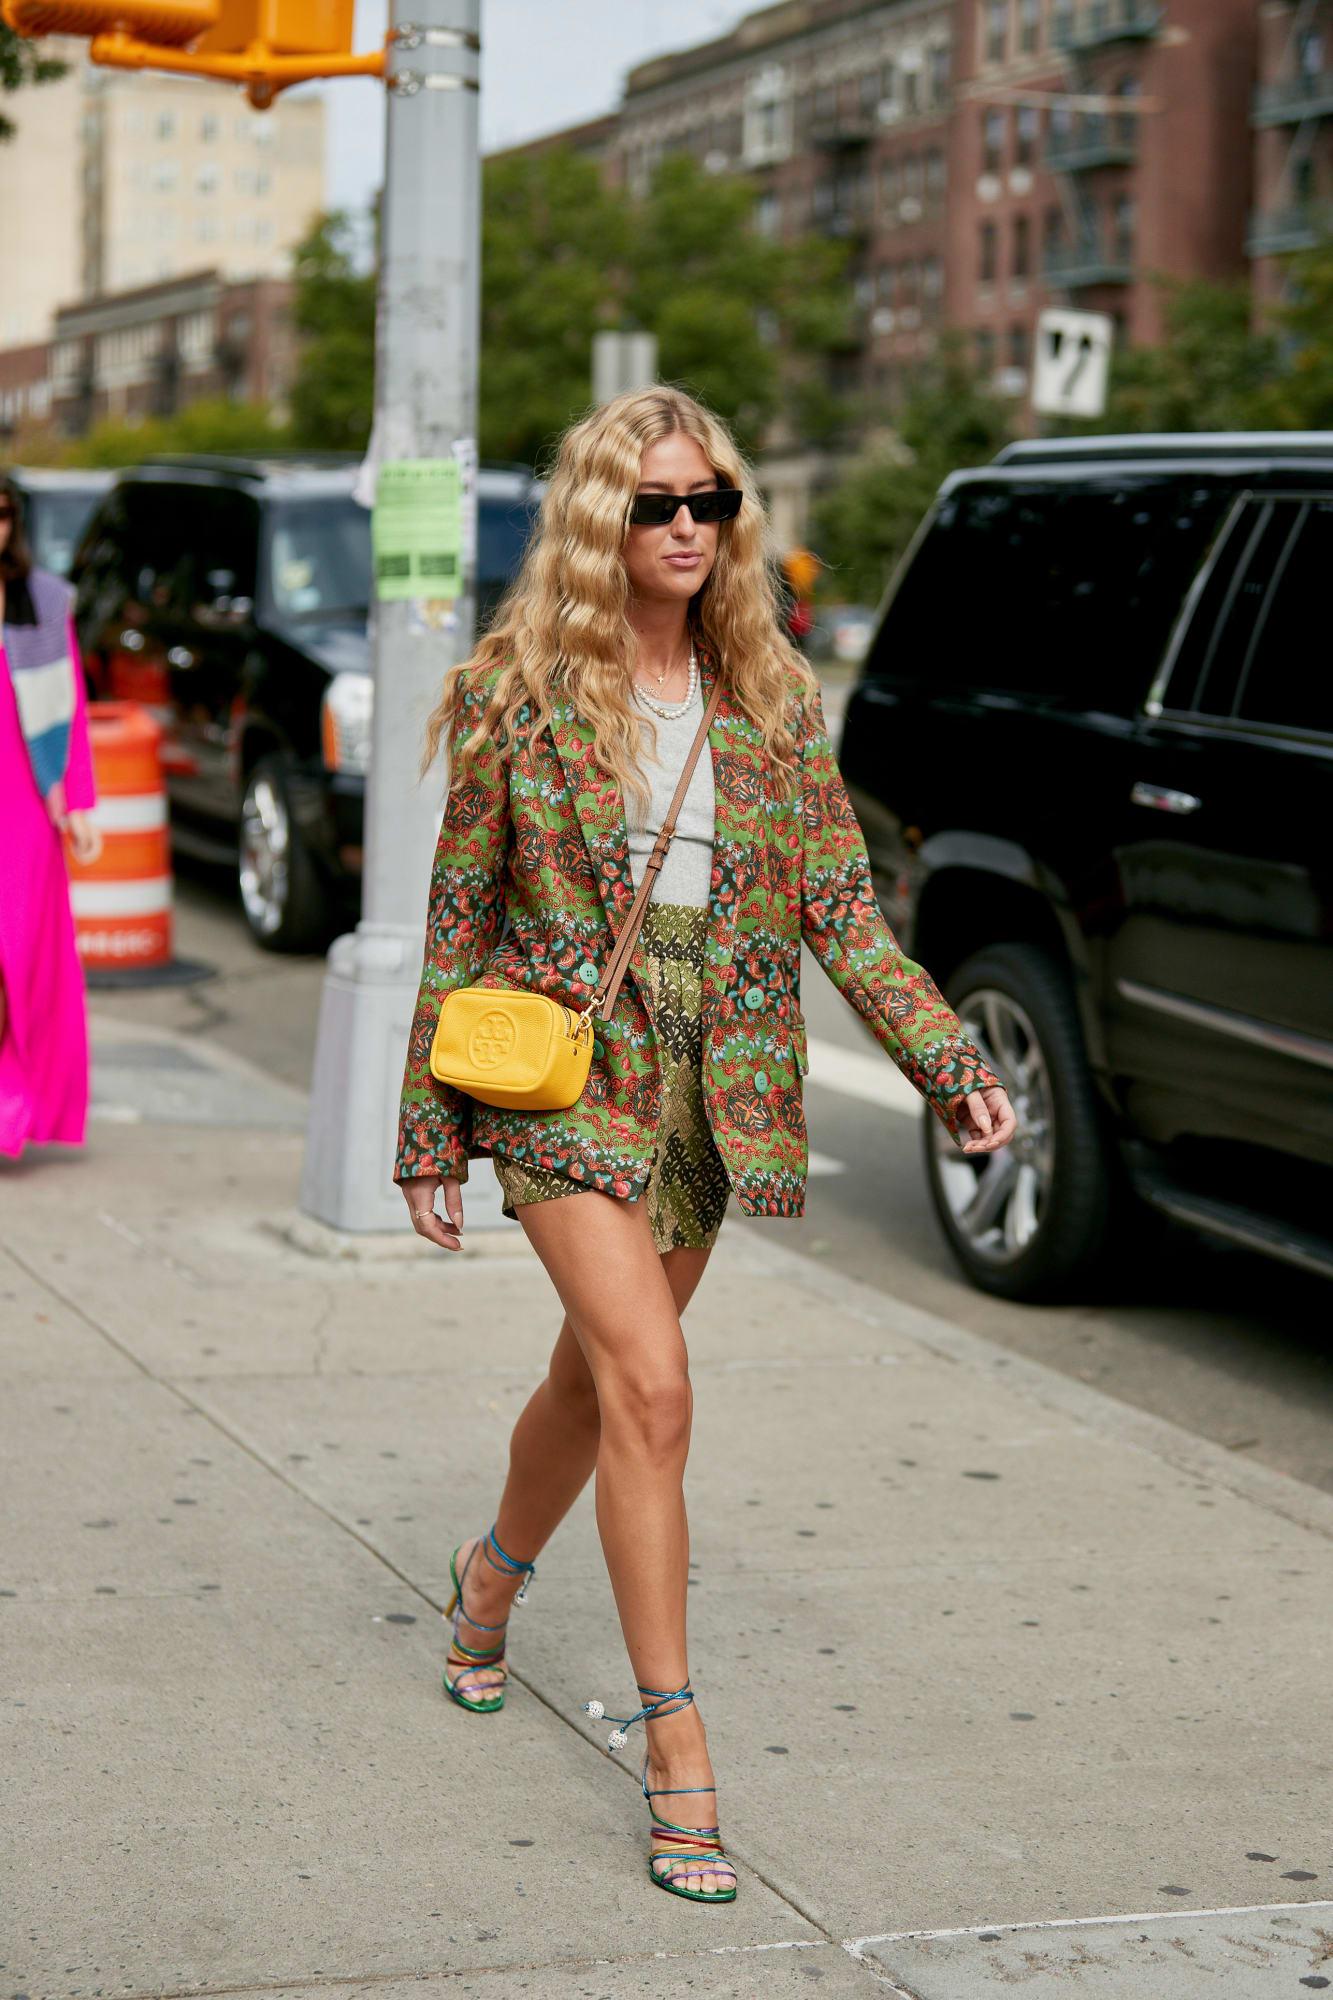 shorts suit là xu hướng nổi bật tại Tuần lễ thời trang New York Xuân - Hè 2020